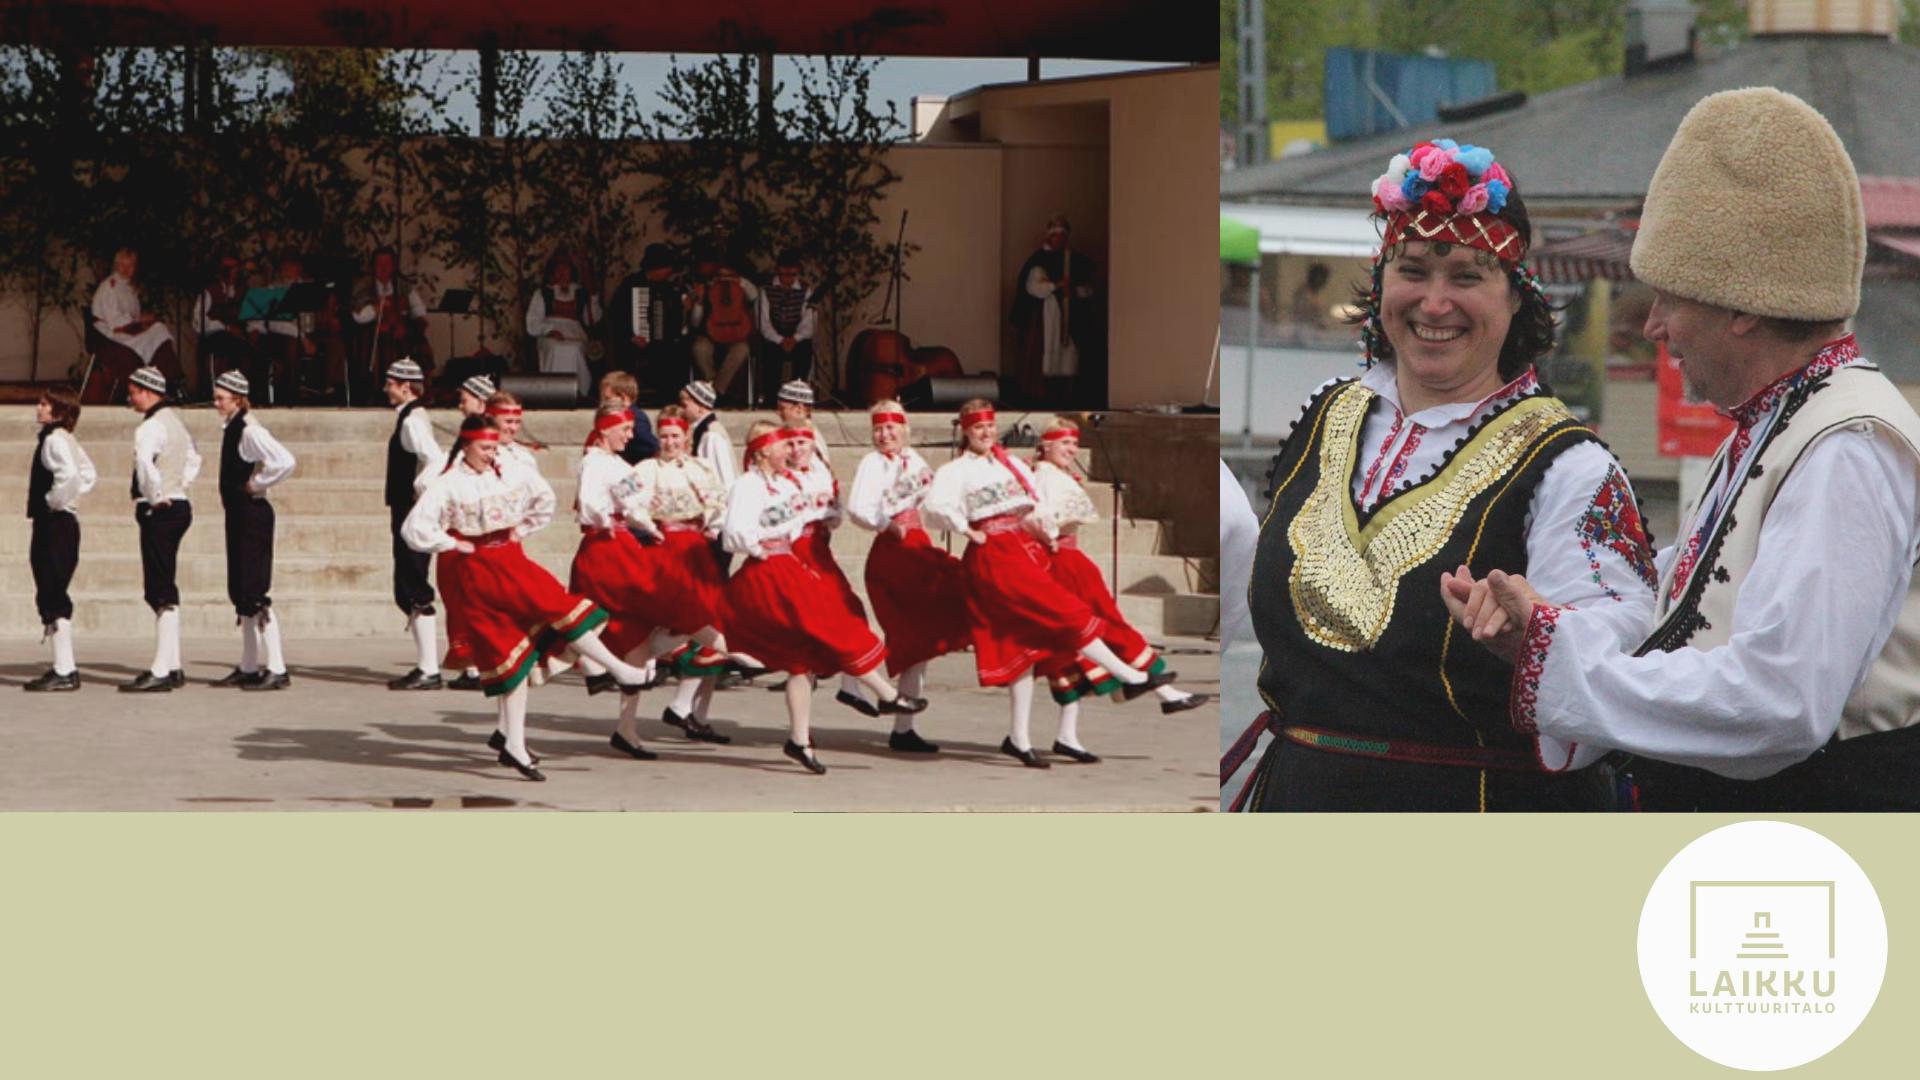 Eurooppa-päivän tanssitapahtuma Laikun edustalla